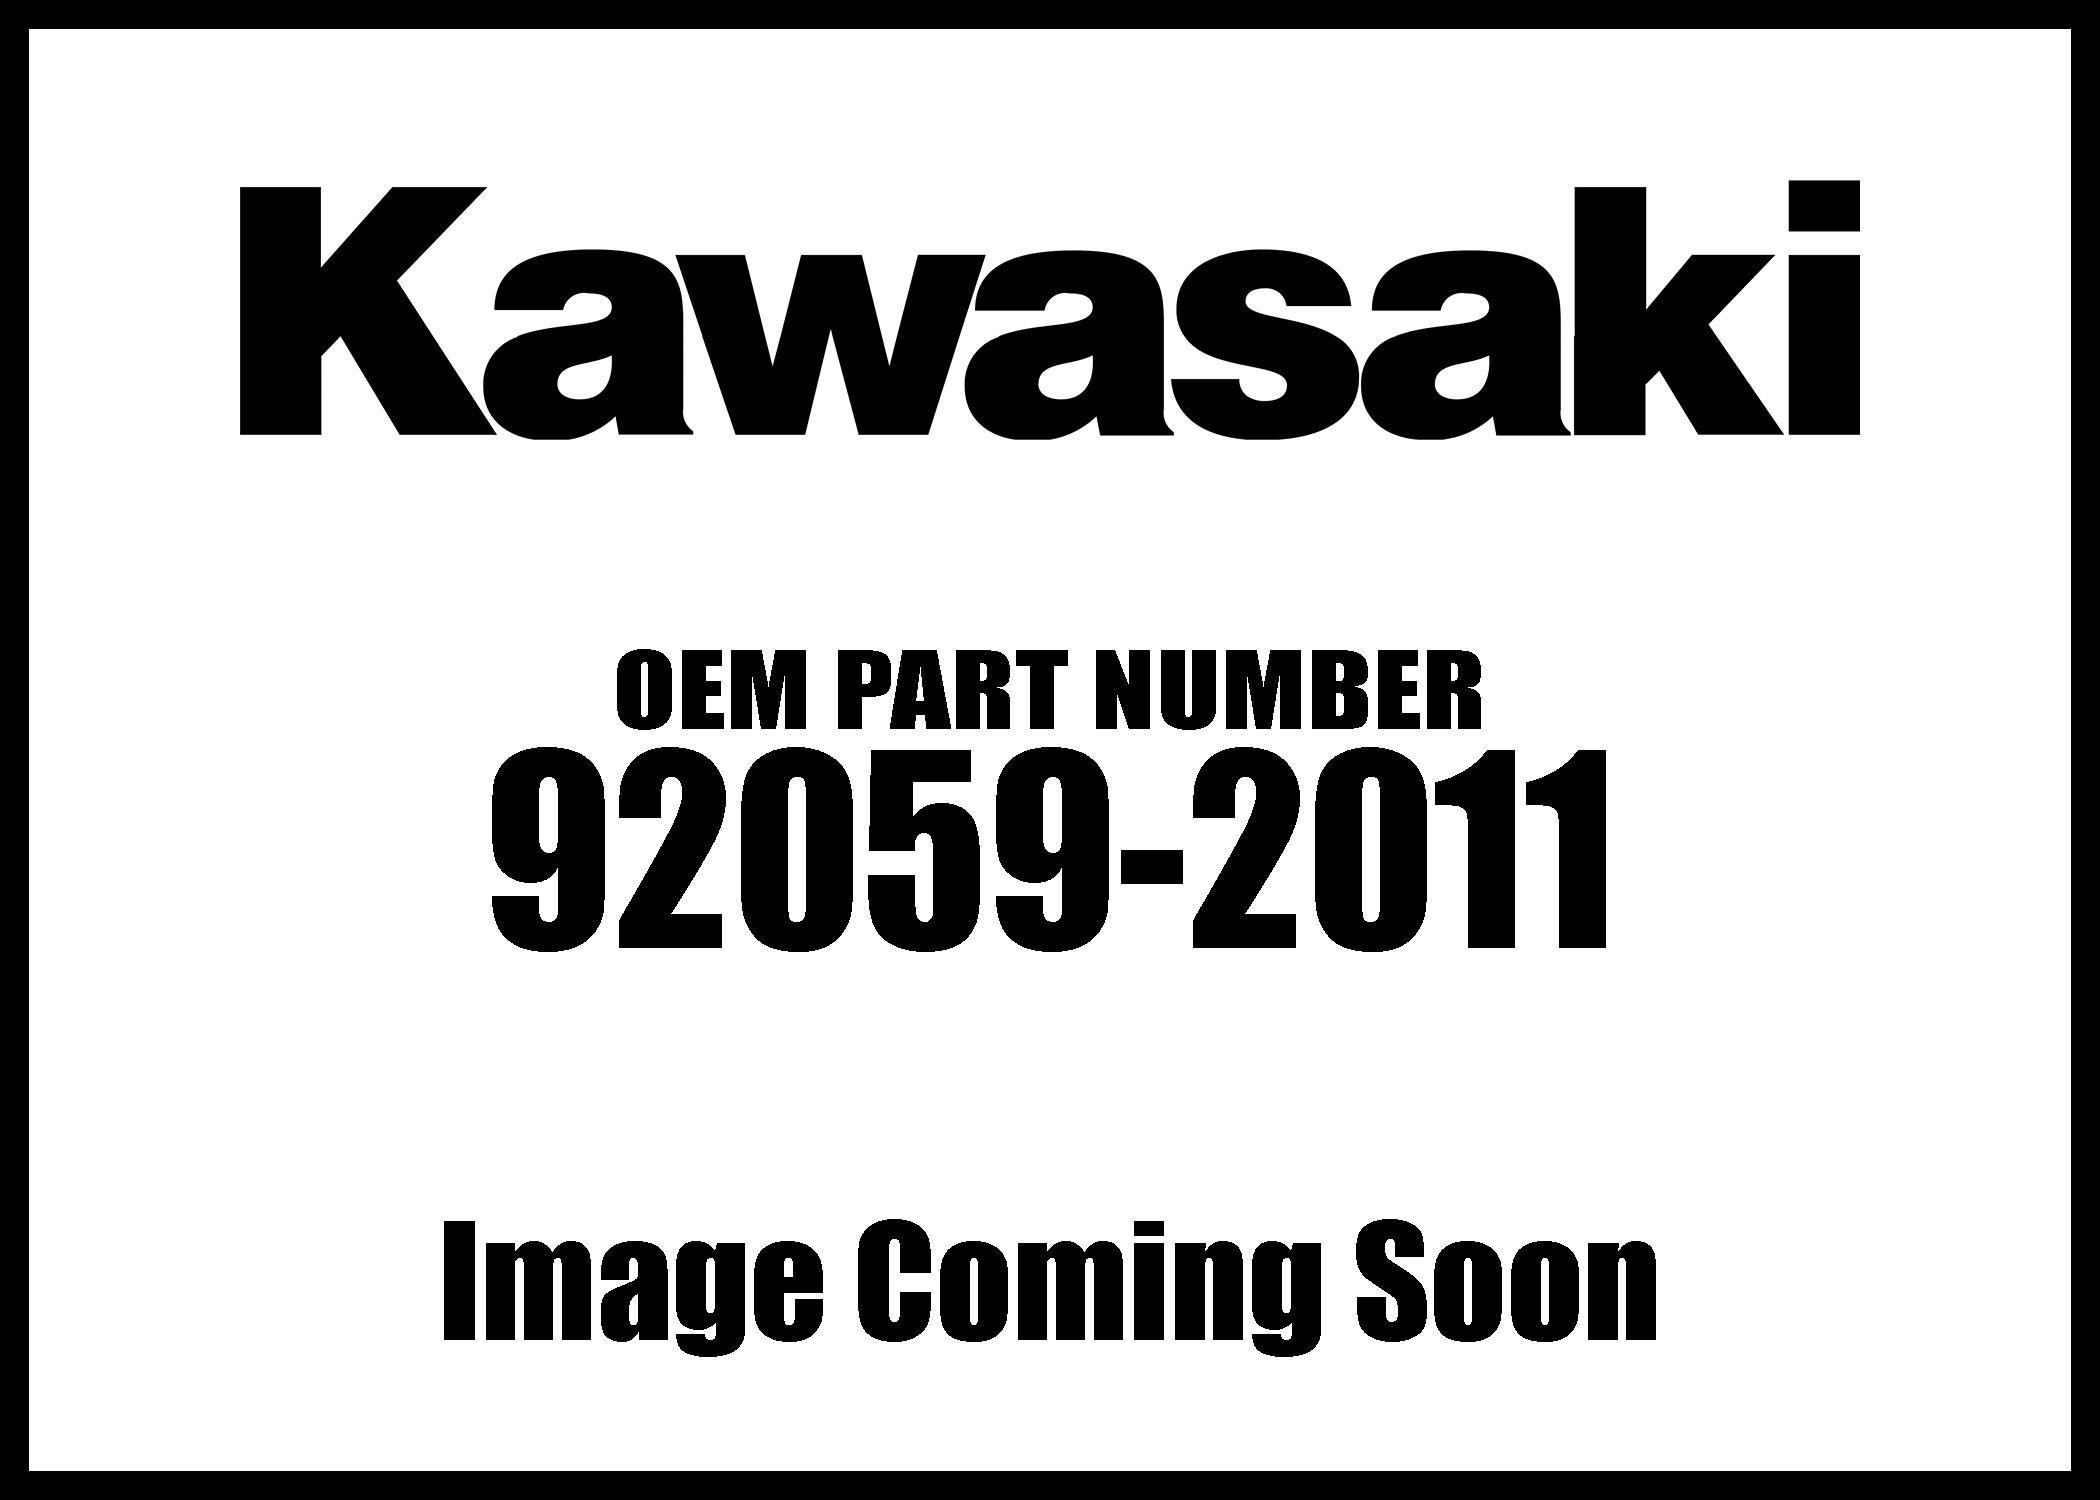 Kawasaki 2009-2013 Mule 4000 Mule 4010 Trans4x4 Realtree Apg Hd Tube 92059-2011 New Oem